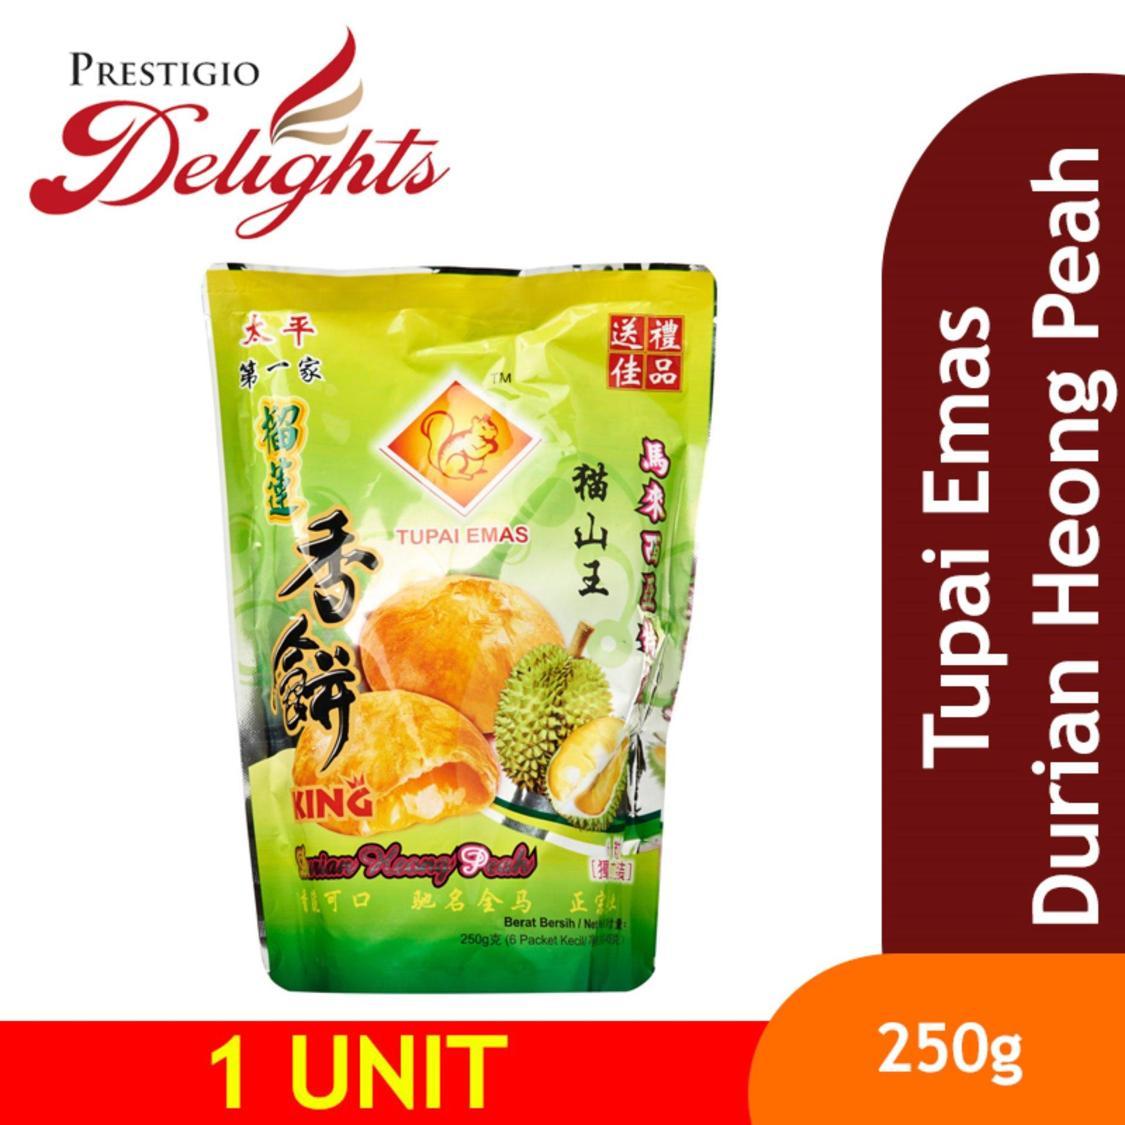 Tupai Emas Durian Heong Peah By Prestigio Delights.